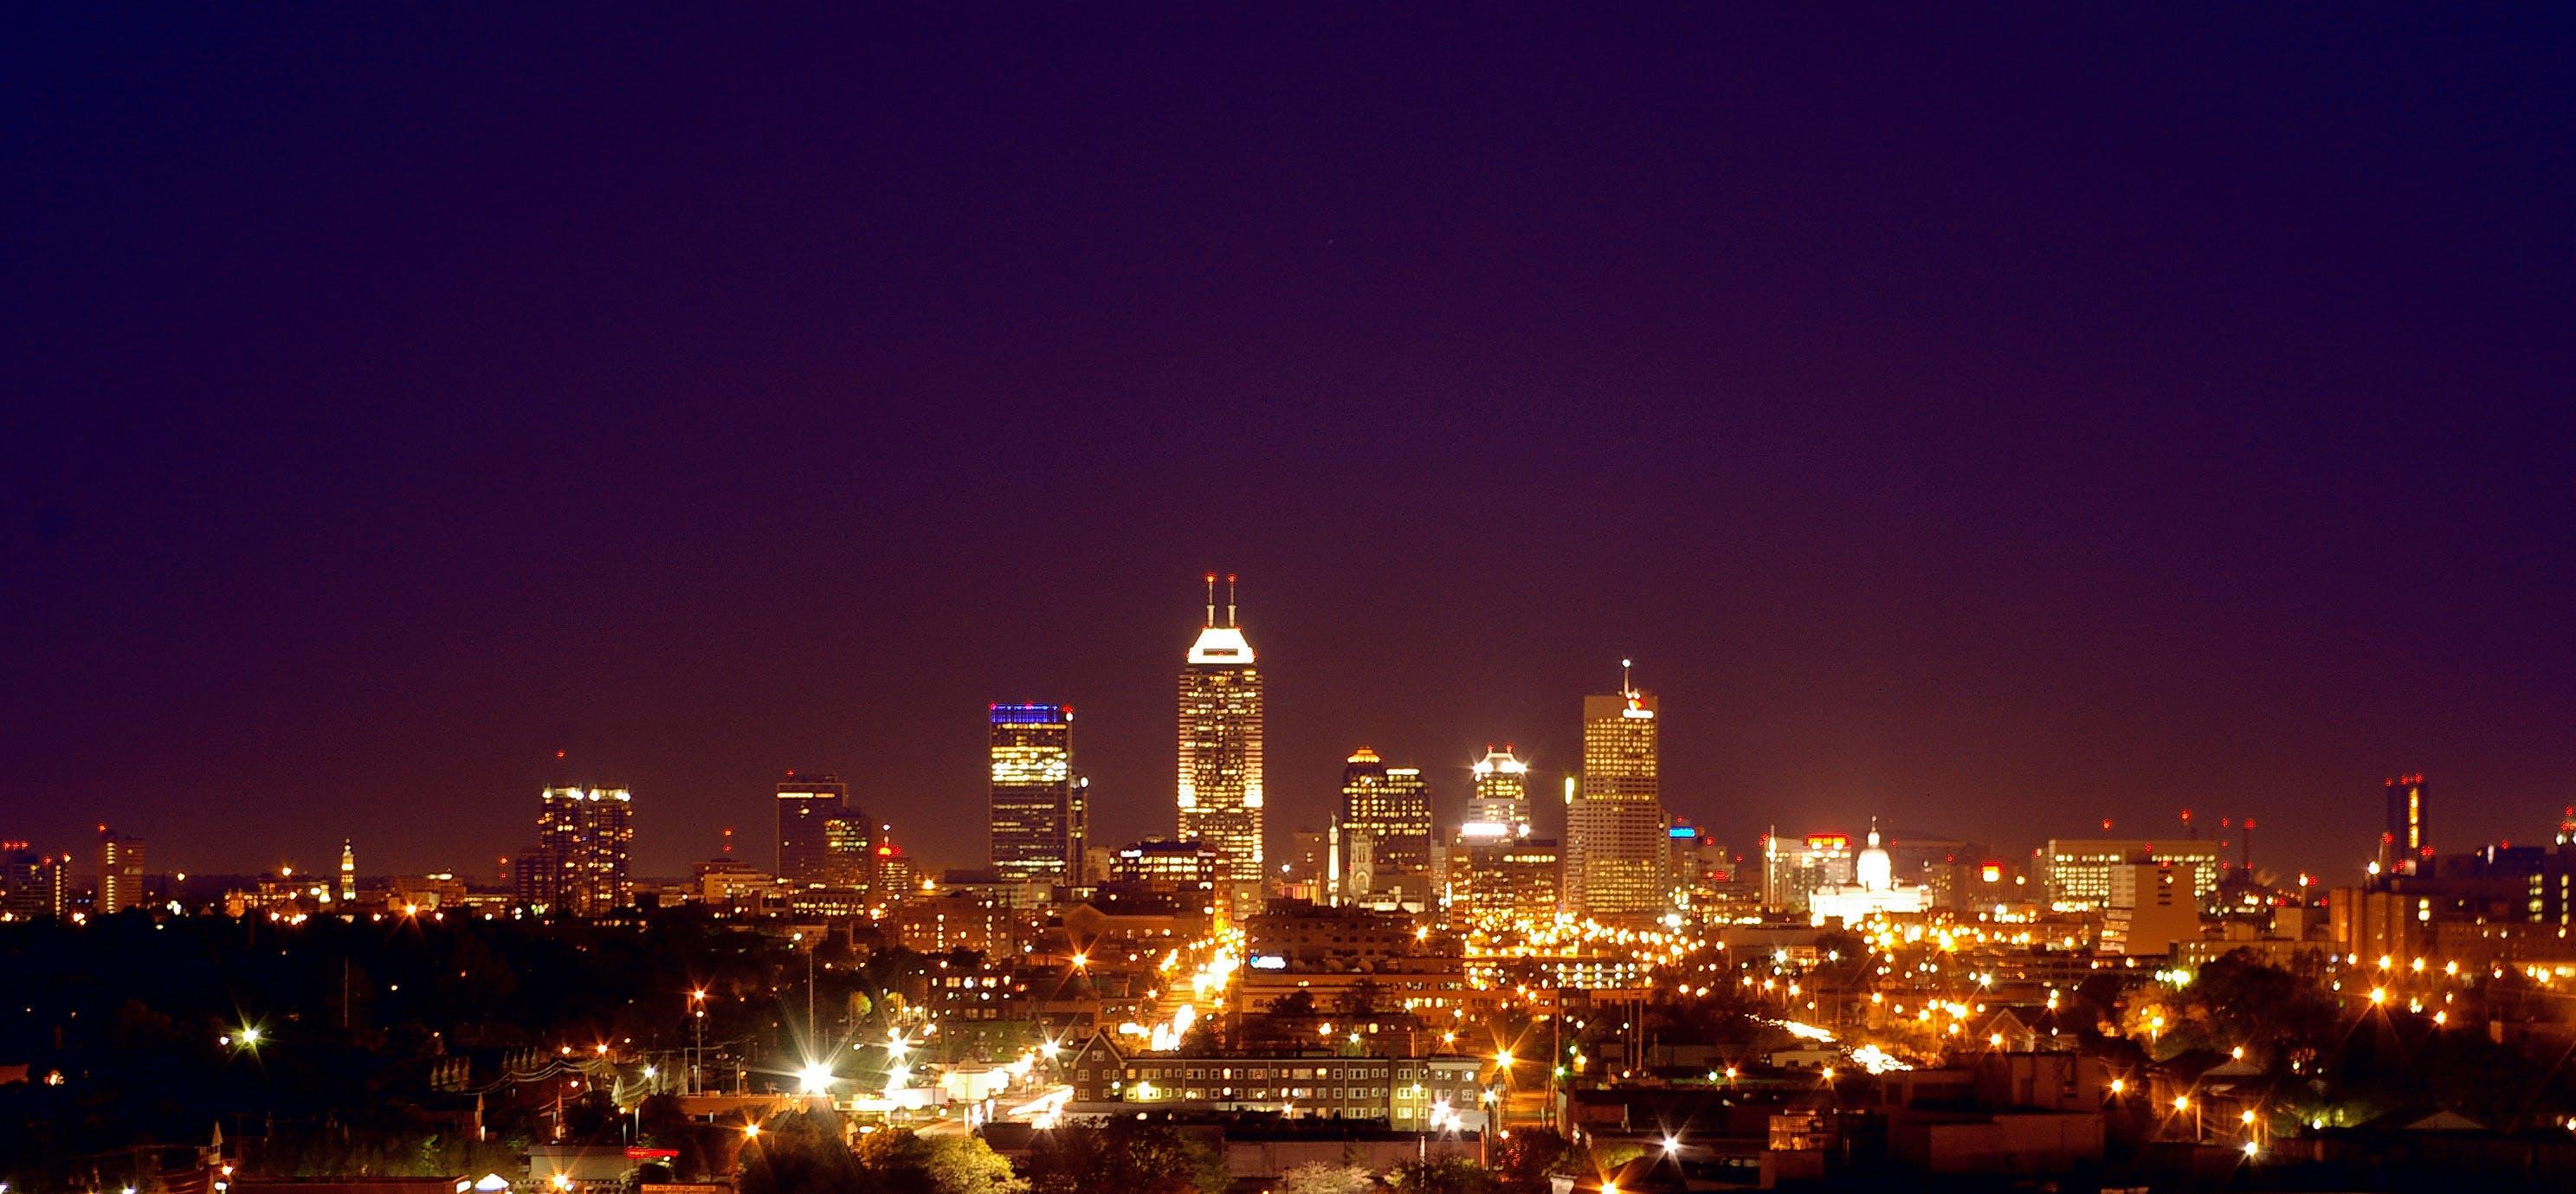 地標, 城市, 塔樓, 天空 的